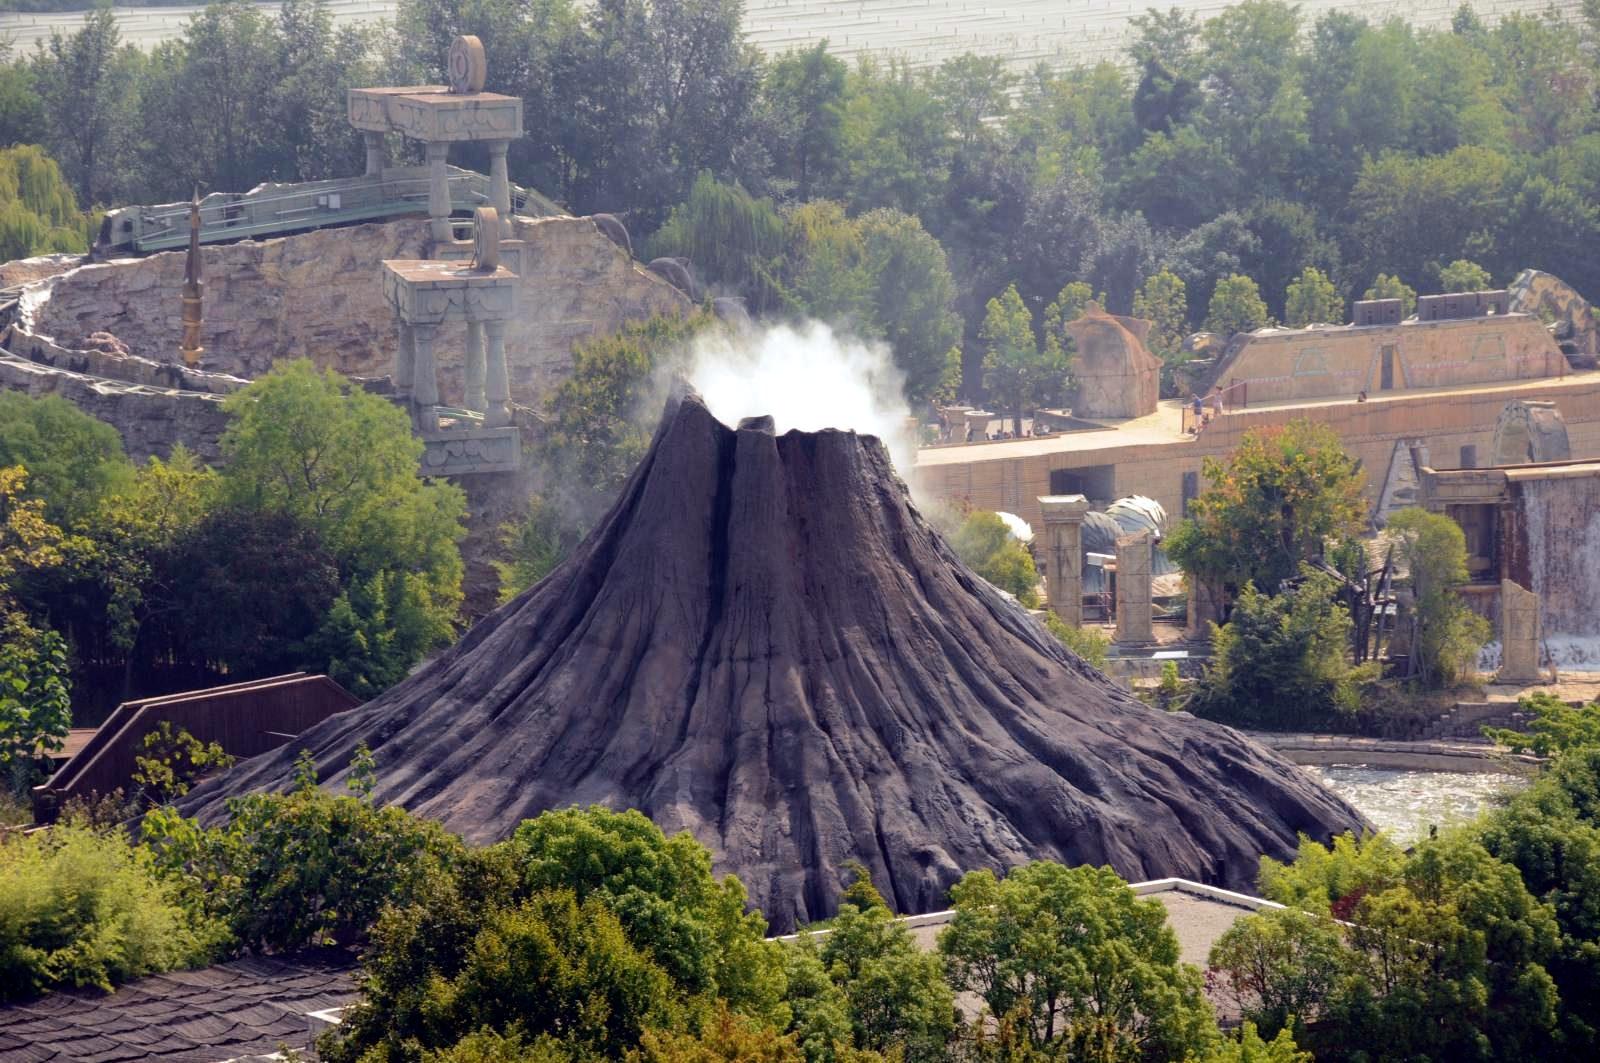 Импровизированный вулкан на территории парка Гардаленд, Италия